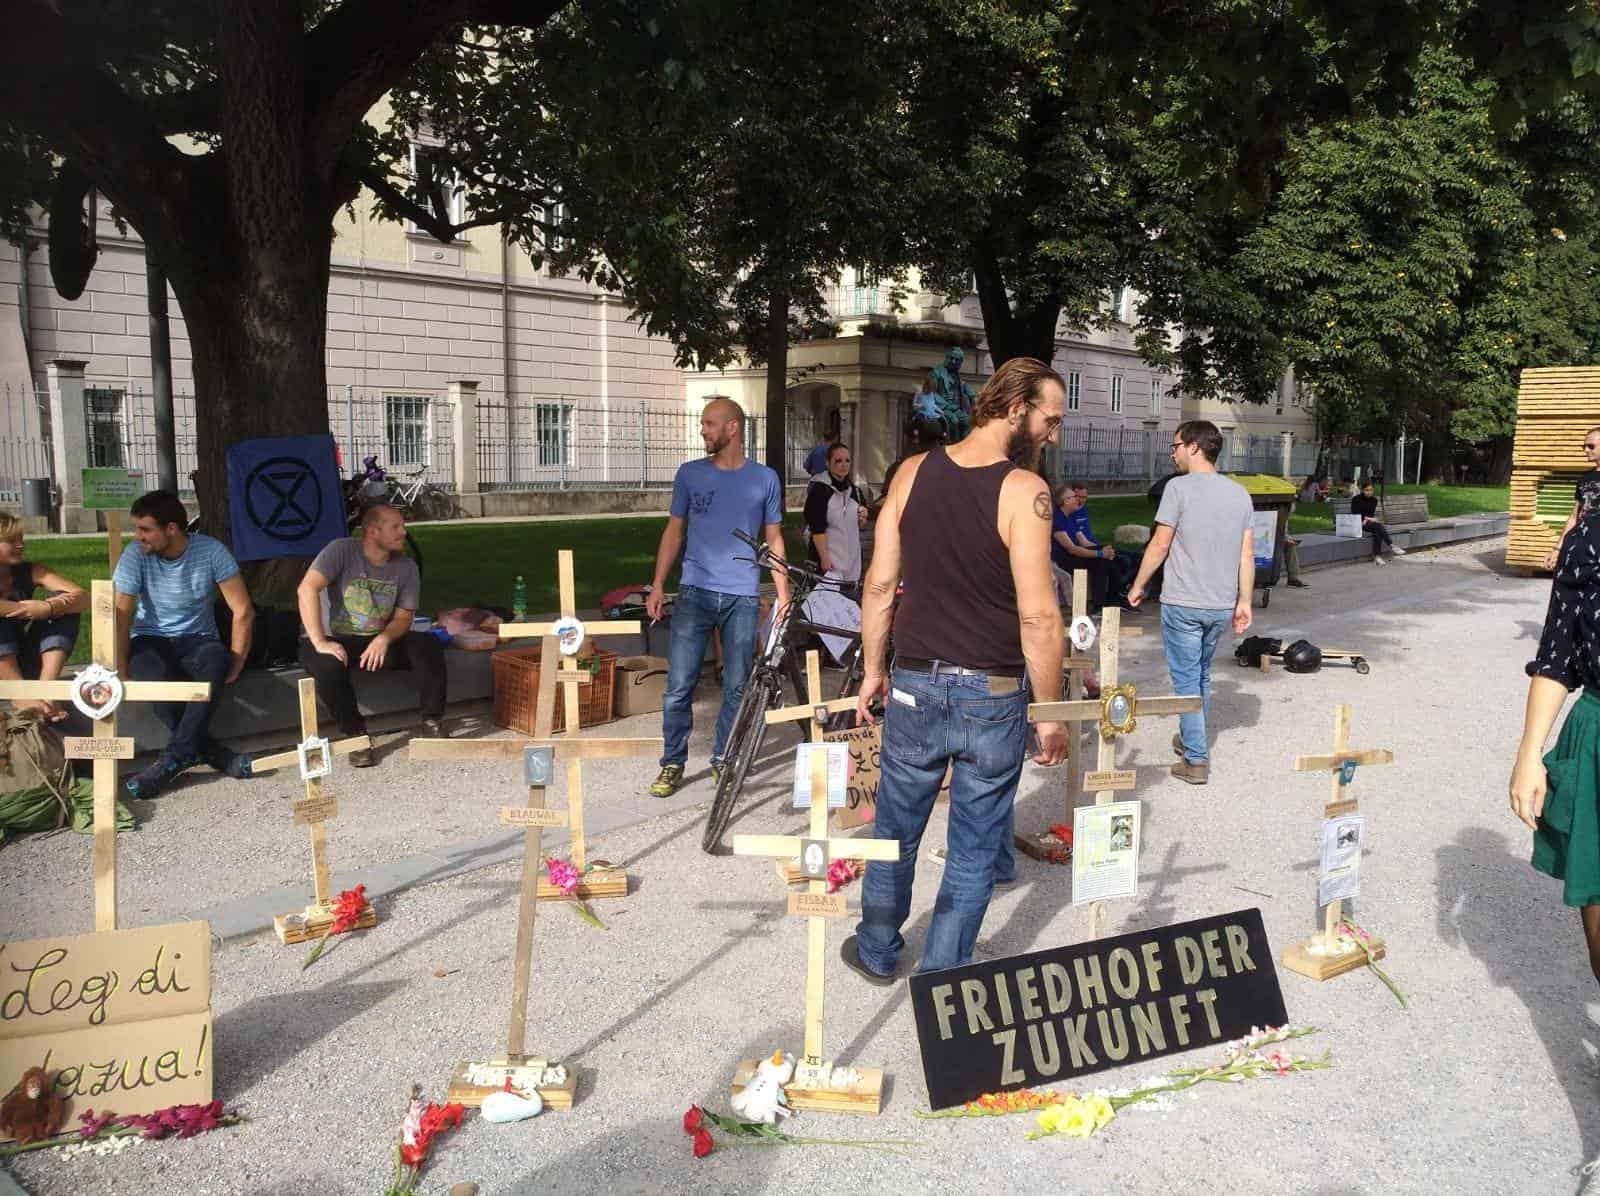 """Holzkreuze symbolisieren den """"Friedhof der Zukunft"""" und stehen für künftig aussterbende Tier- und Pflanzenarten"""